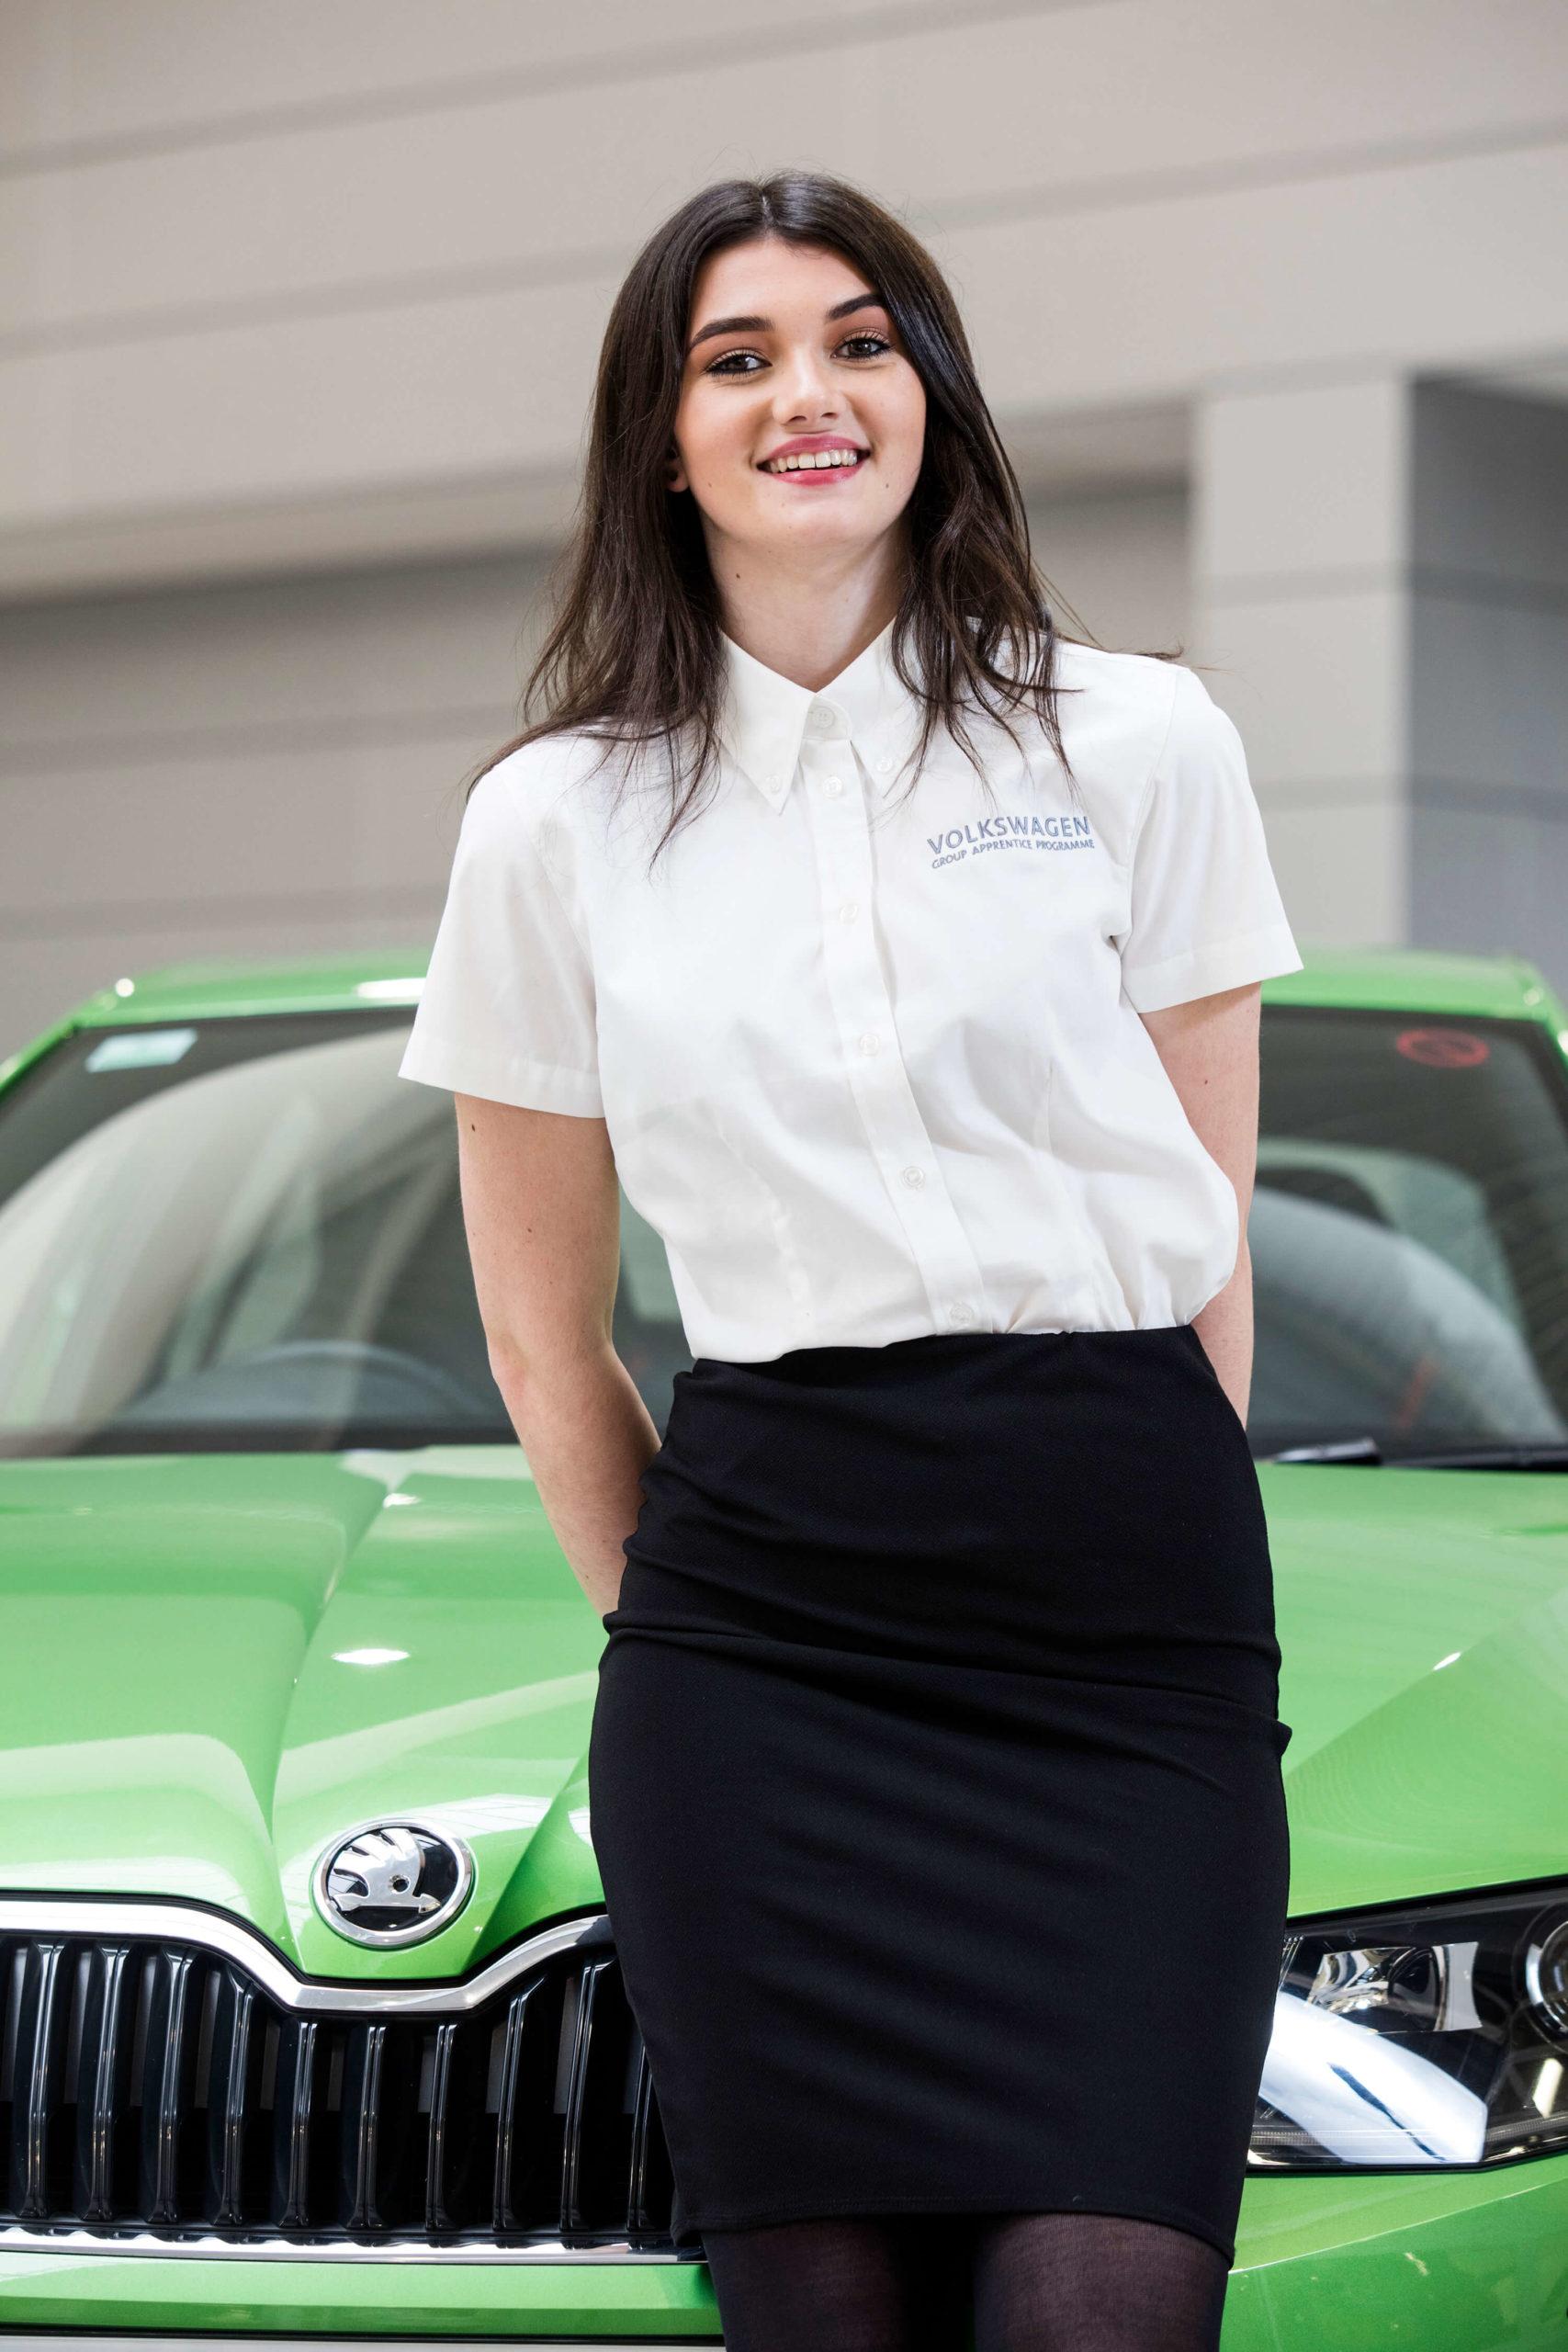 Volkswagen Group Apprentice Programme